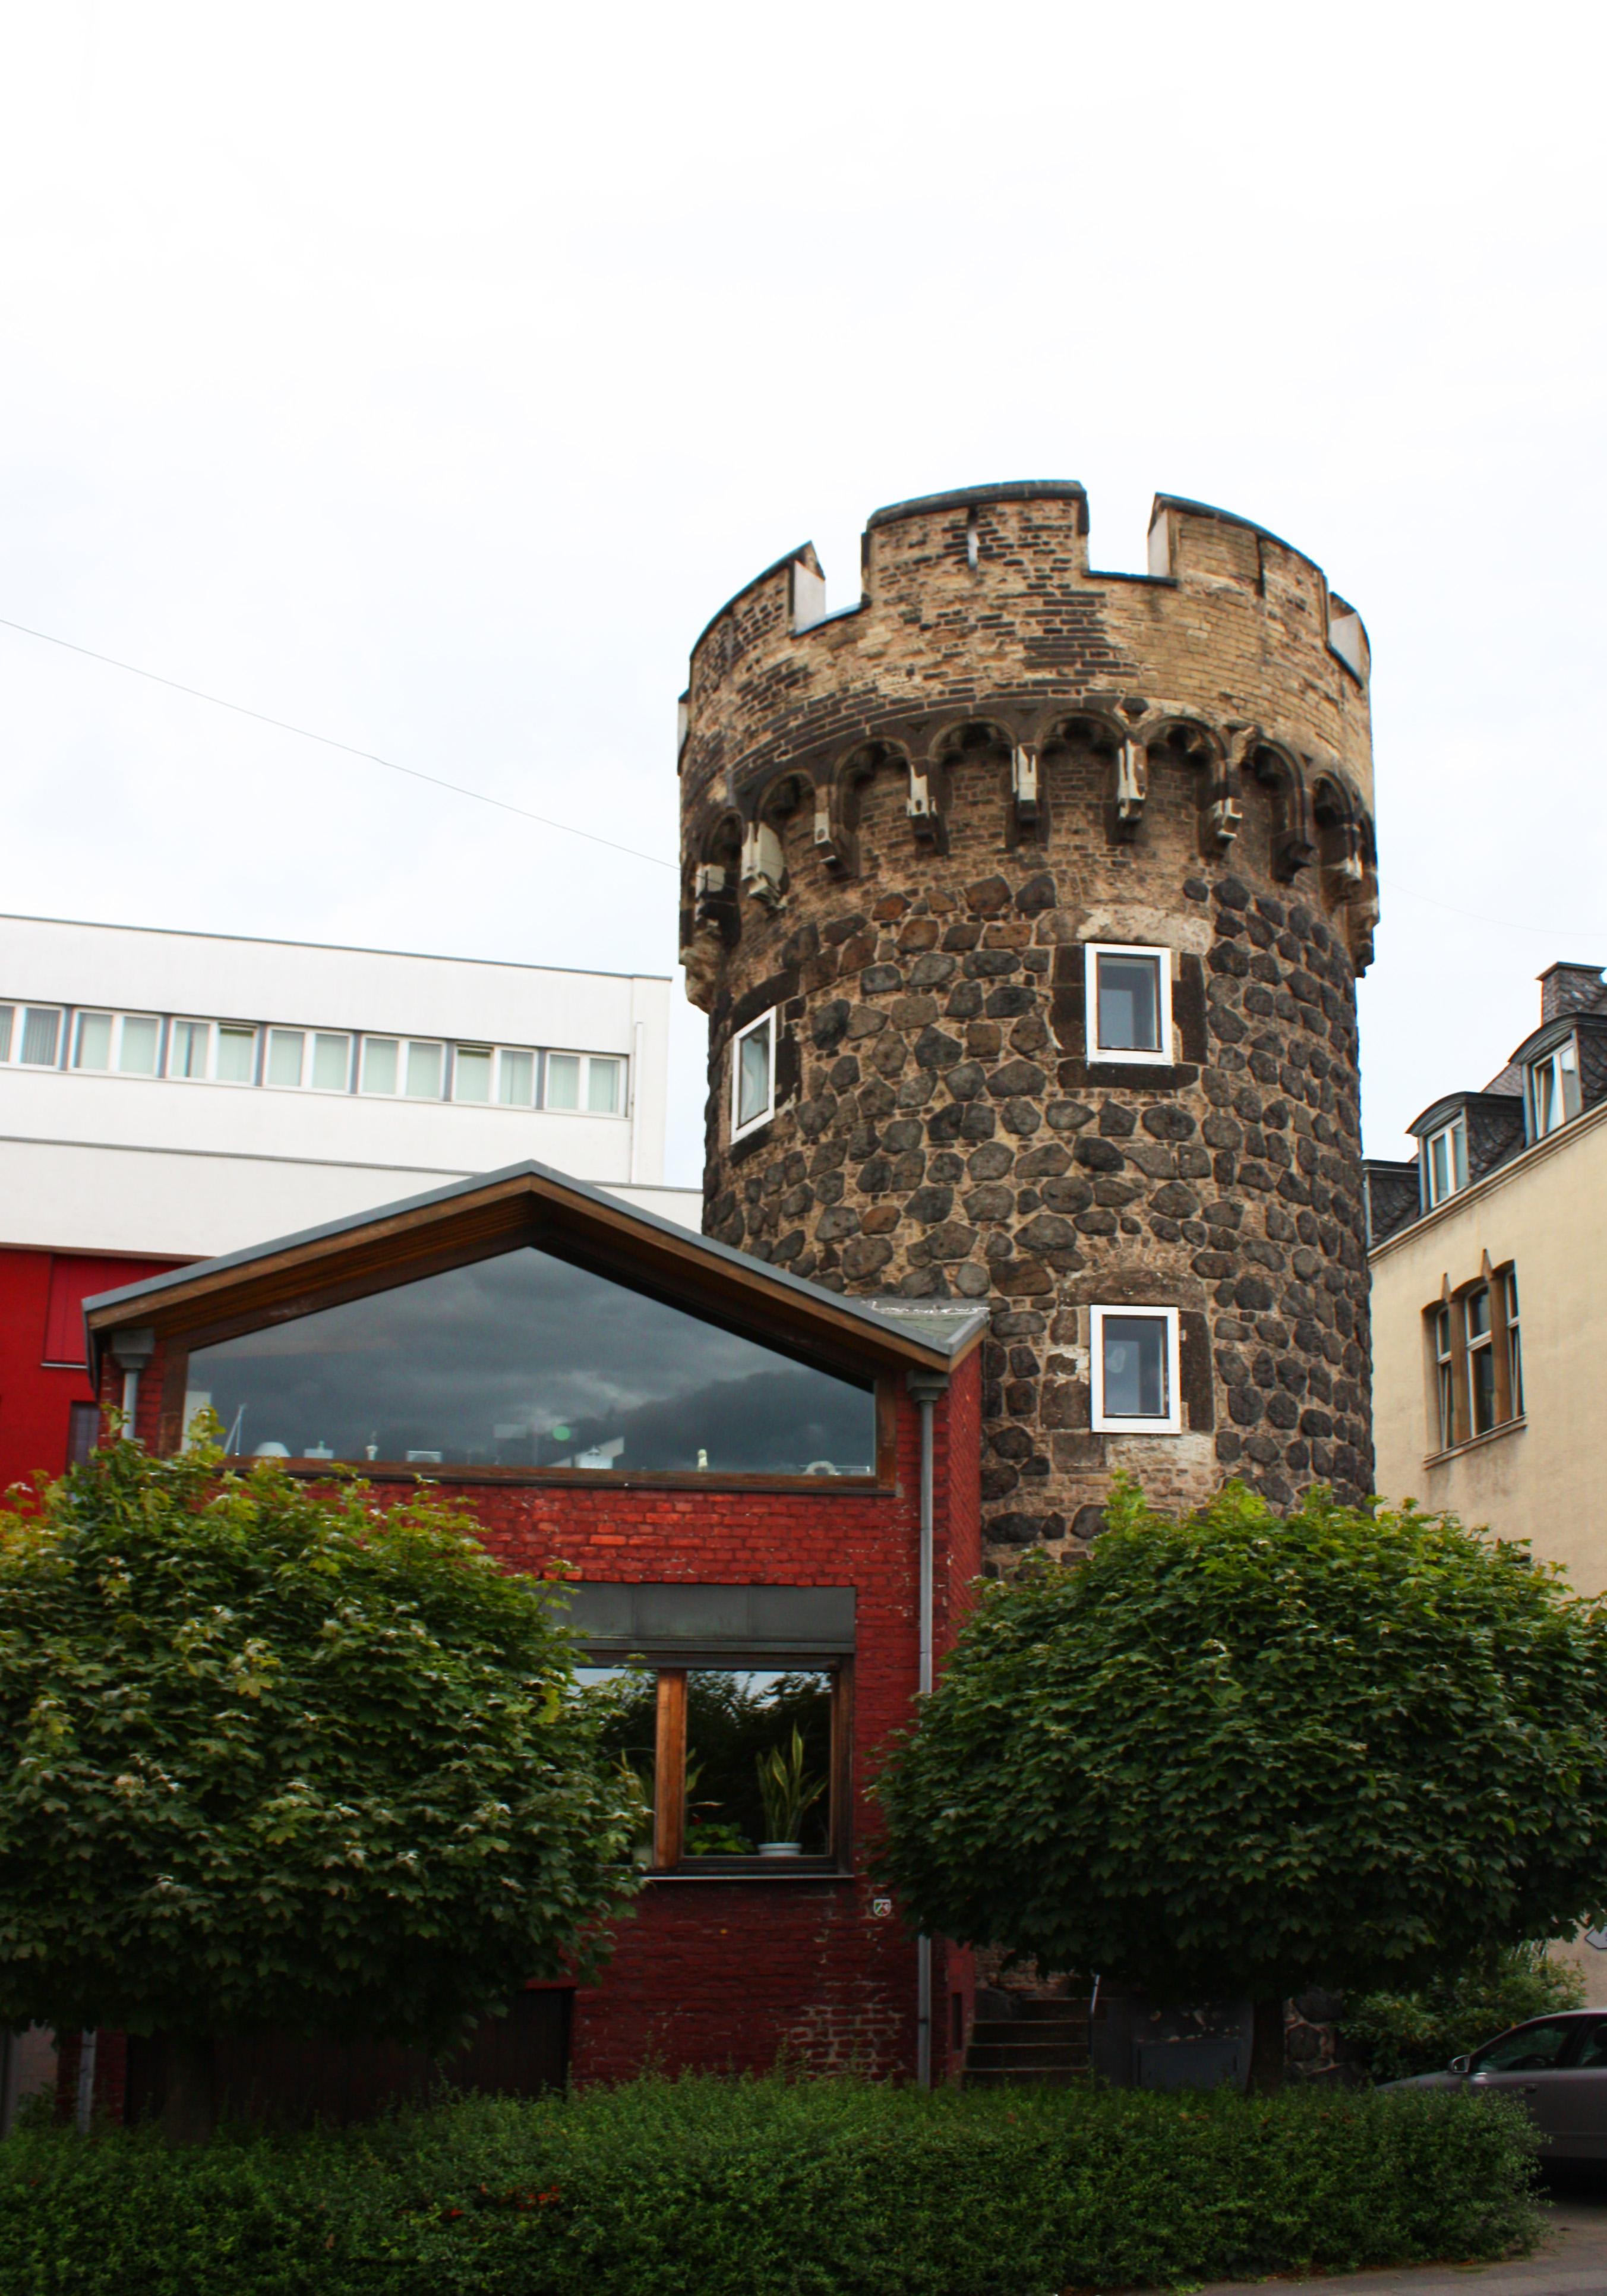 Ein kleiner Burgturm mit Zinnenkranz. Davor ein modernes, rotes Haus mit großer Glasfront.